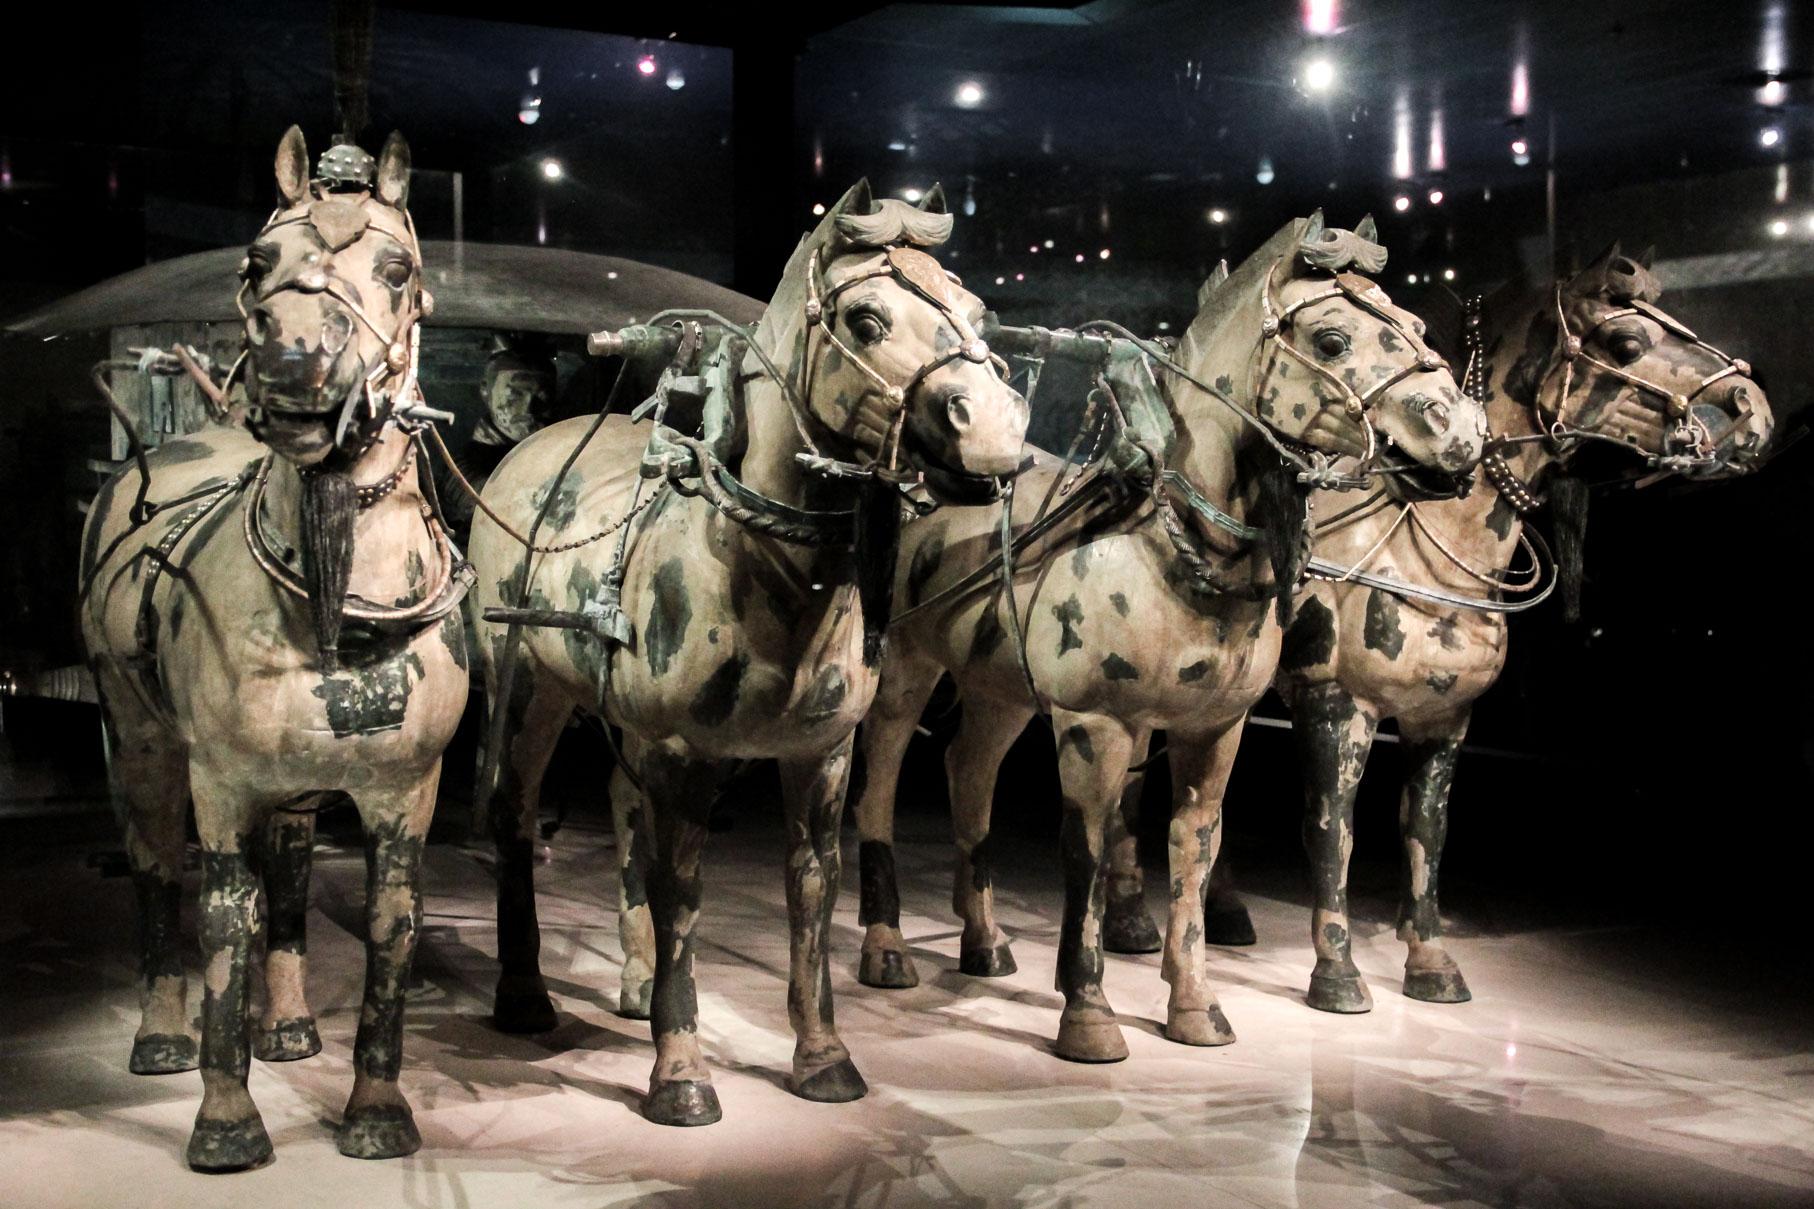 Chevaux en bronze au Musée de l'Armée de Terre Cuite en Chine